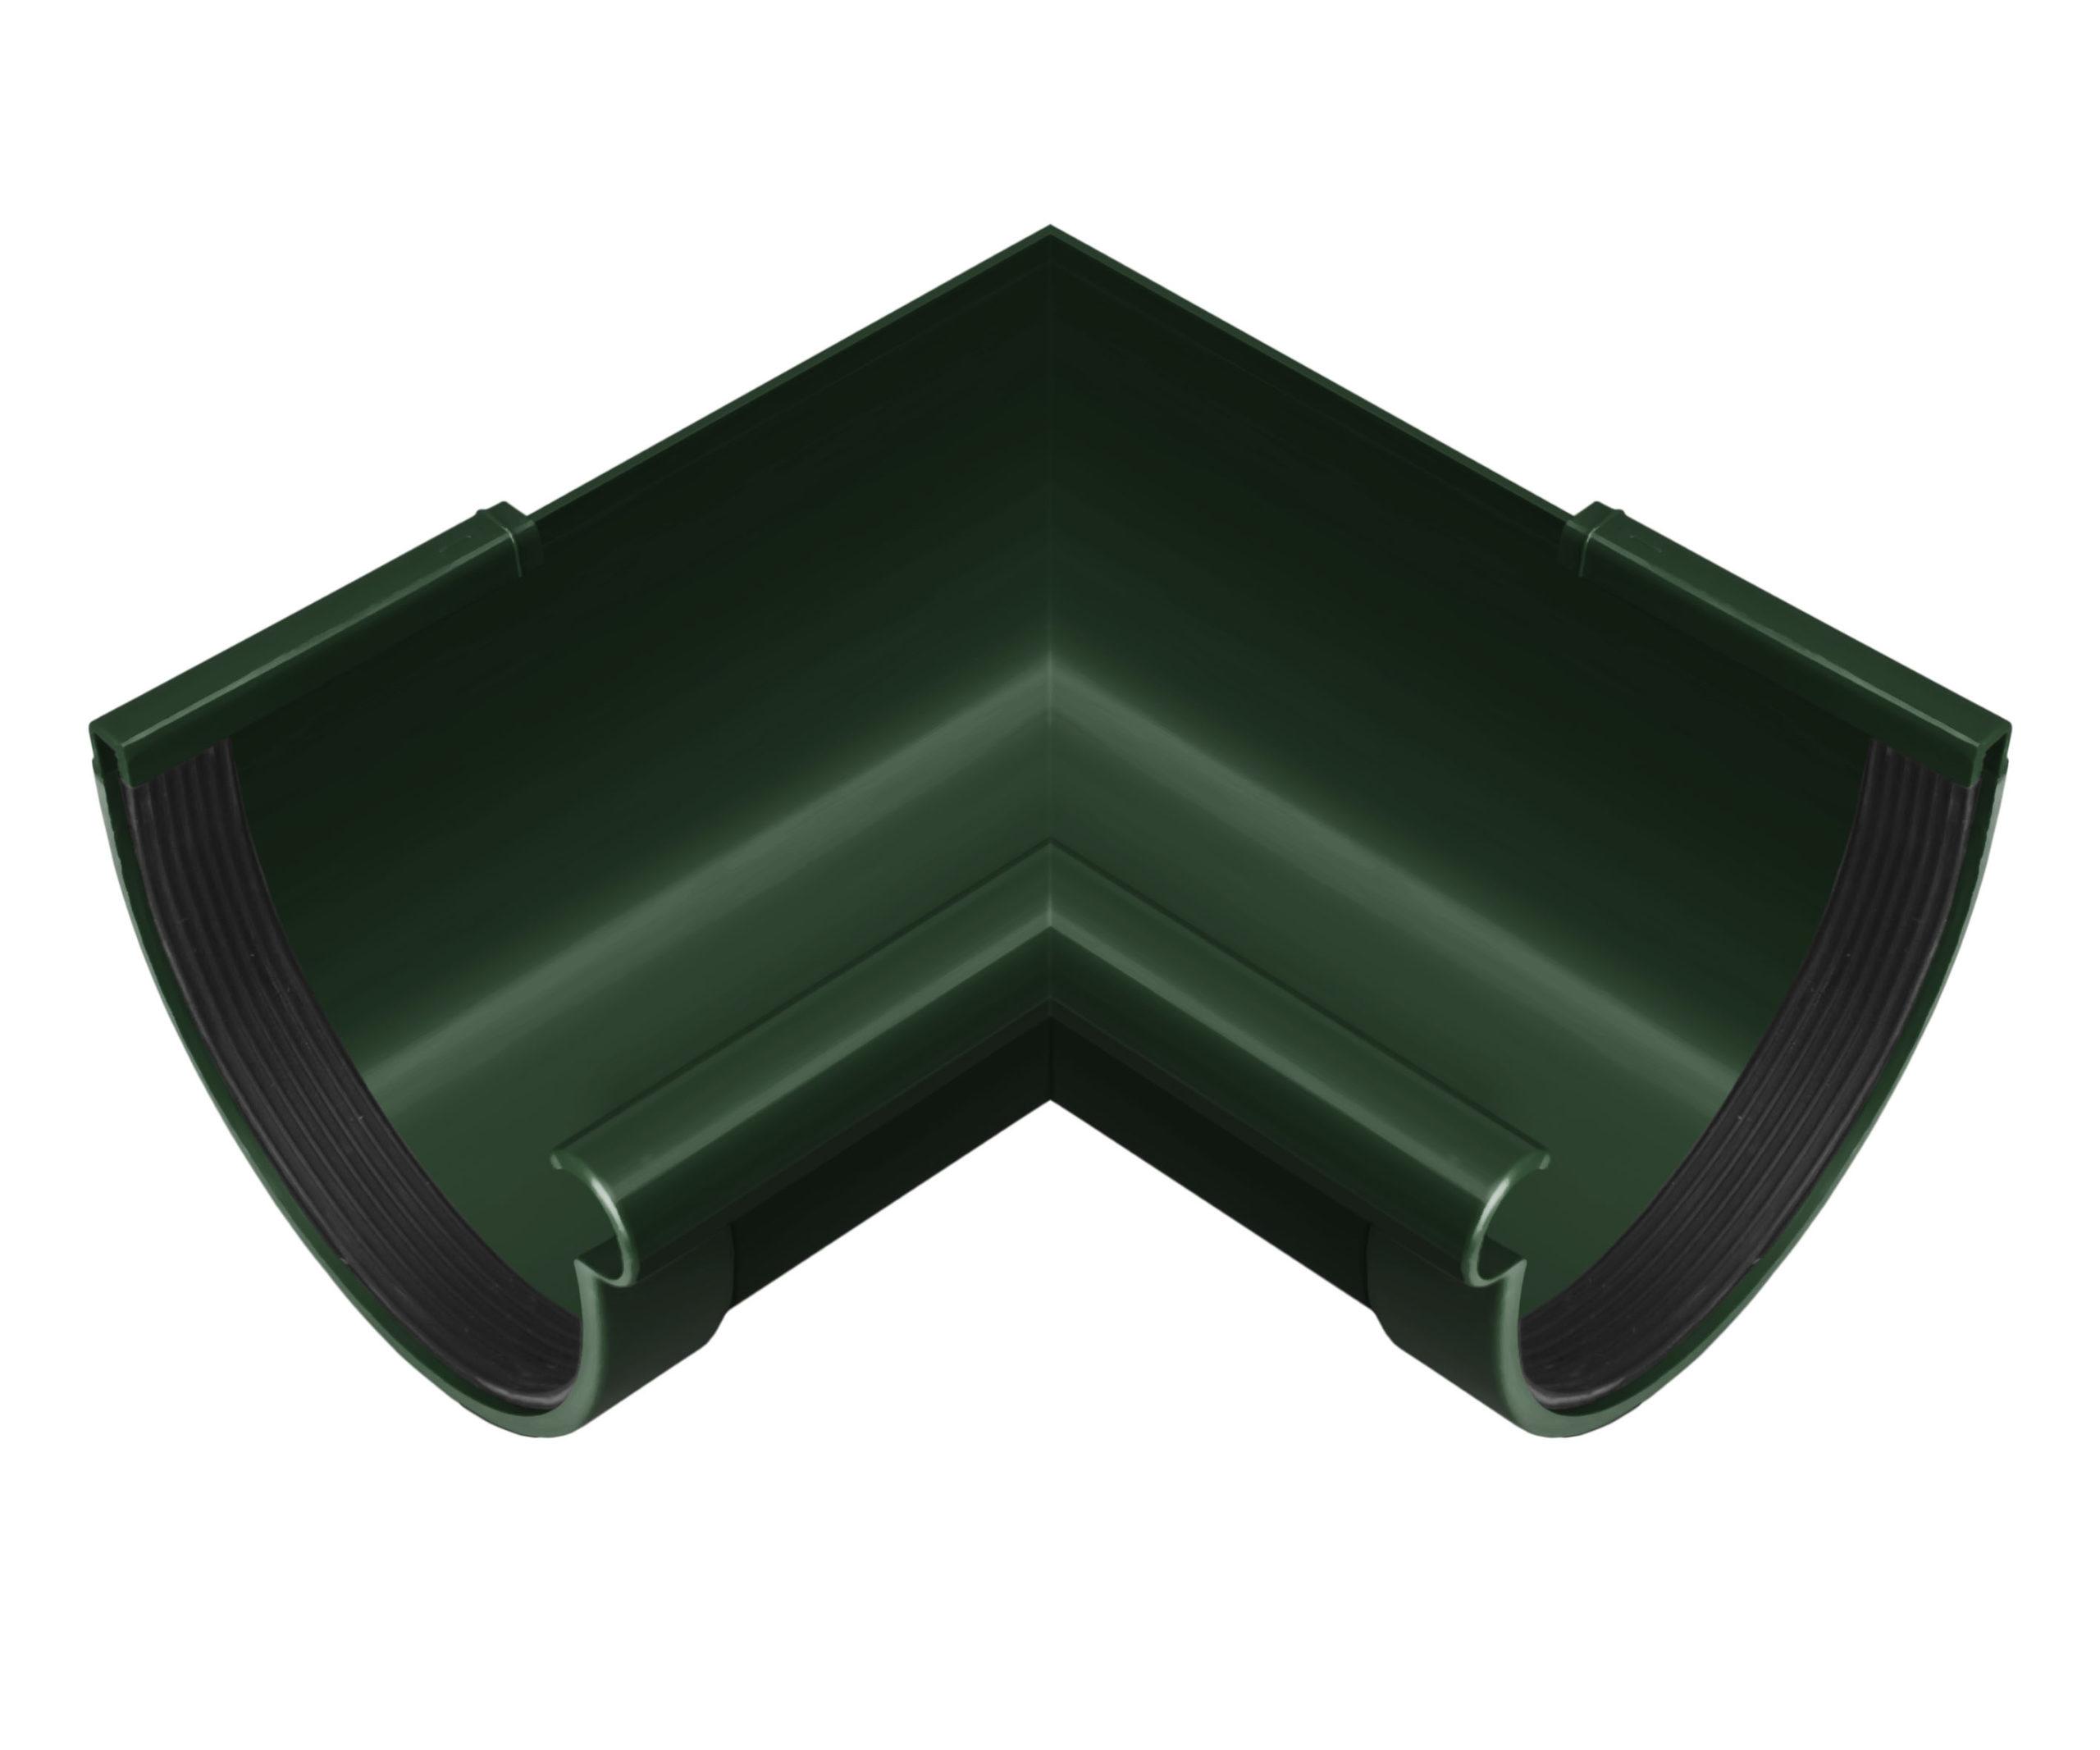 Кут ринви внутрішній 90°, зелений 90мм/Ø RainWay